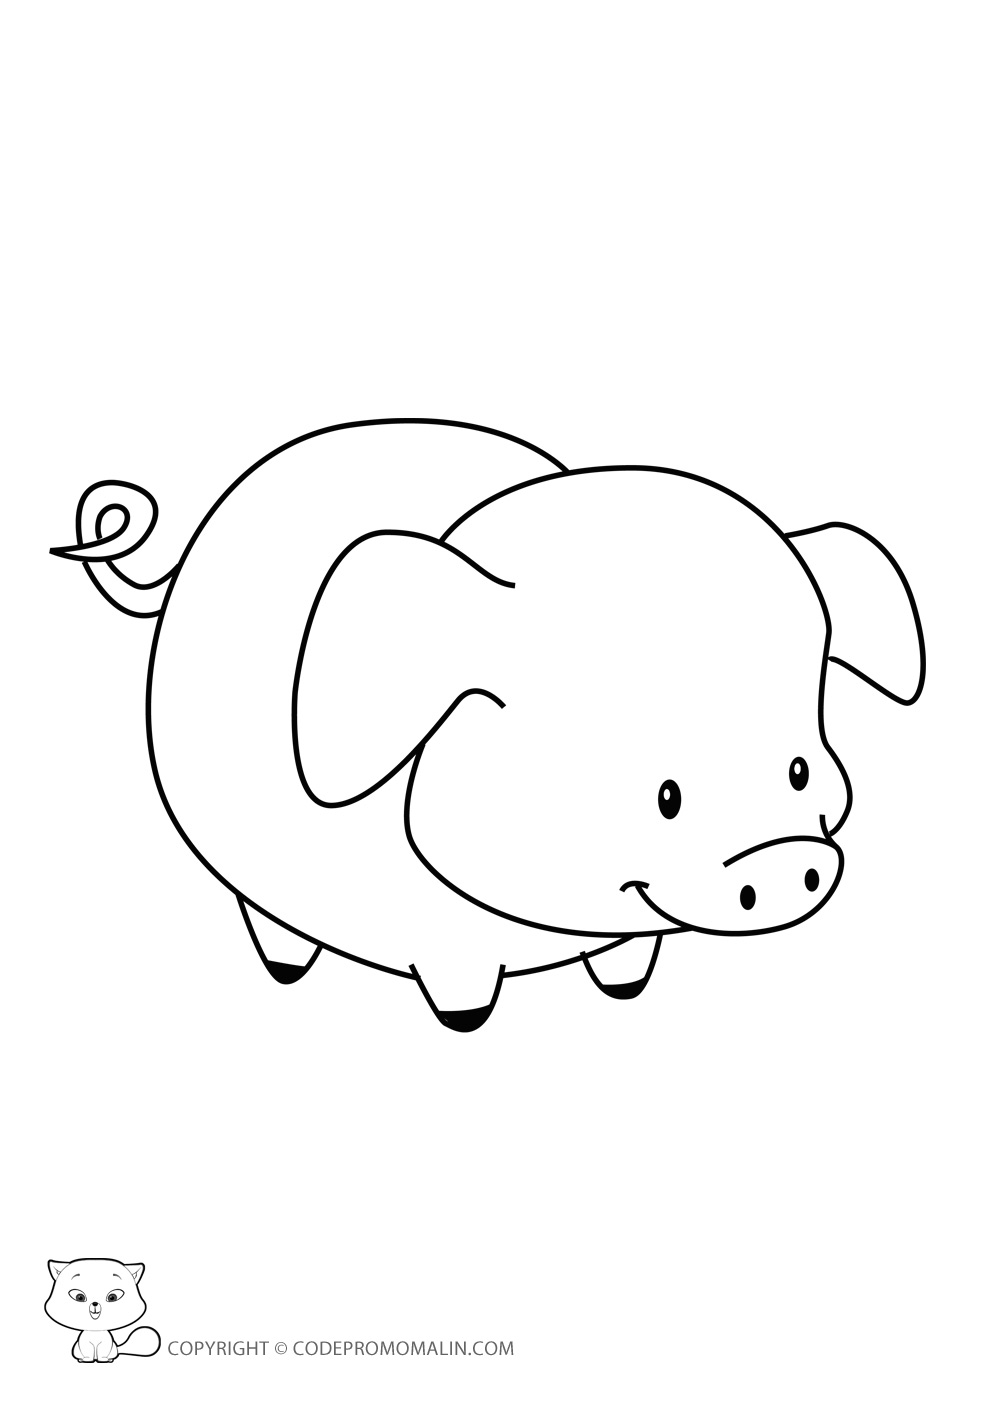 Coloriage Cochon Colorier.Selection De Coloriage Cochon A Imprimer Sur Laguerche Com Page 2